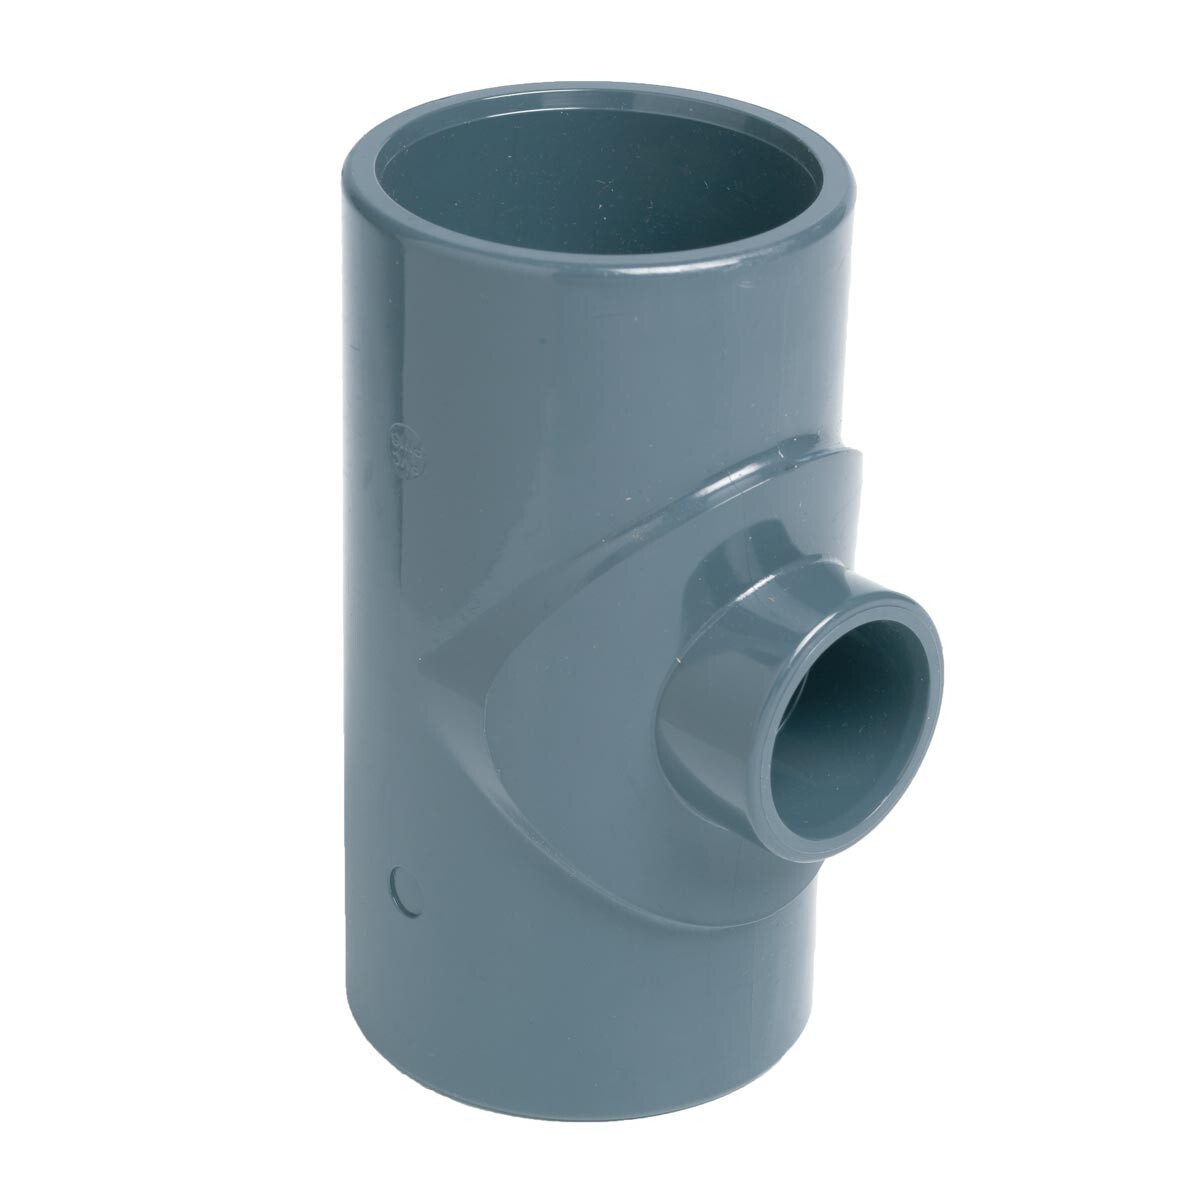 Тройник клеевой 90° редукционный EFFAST d63x25 мм (RDRTRD063C)